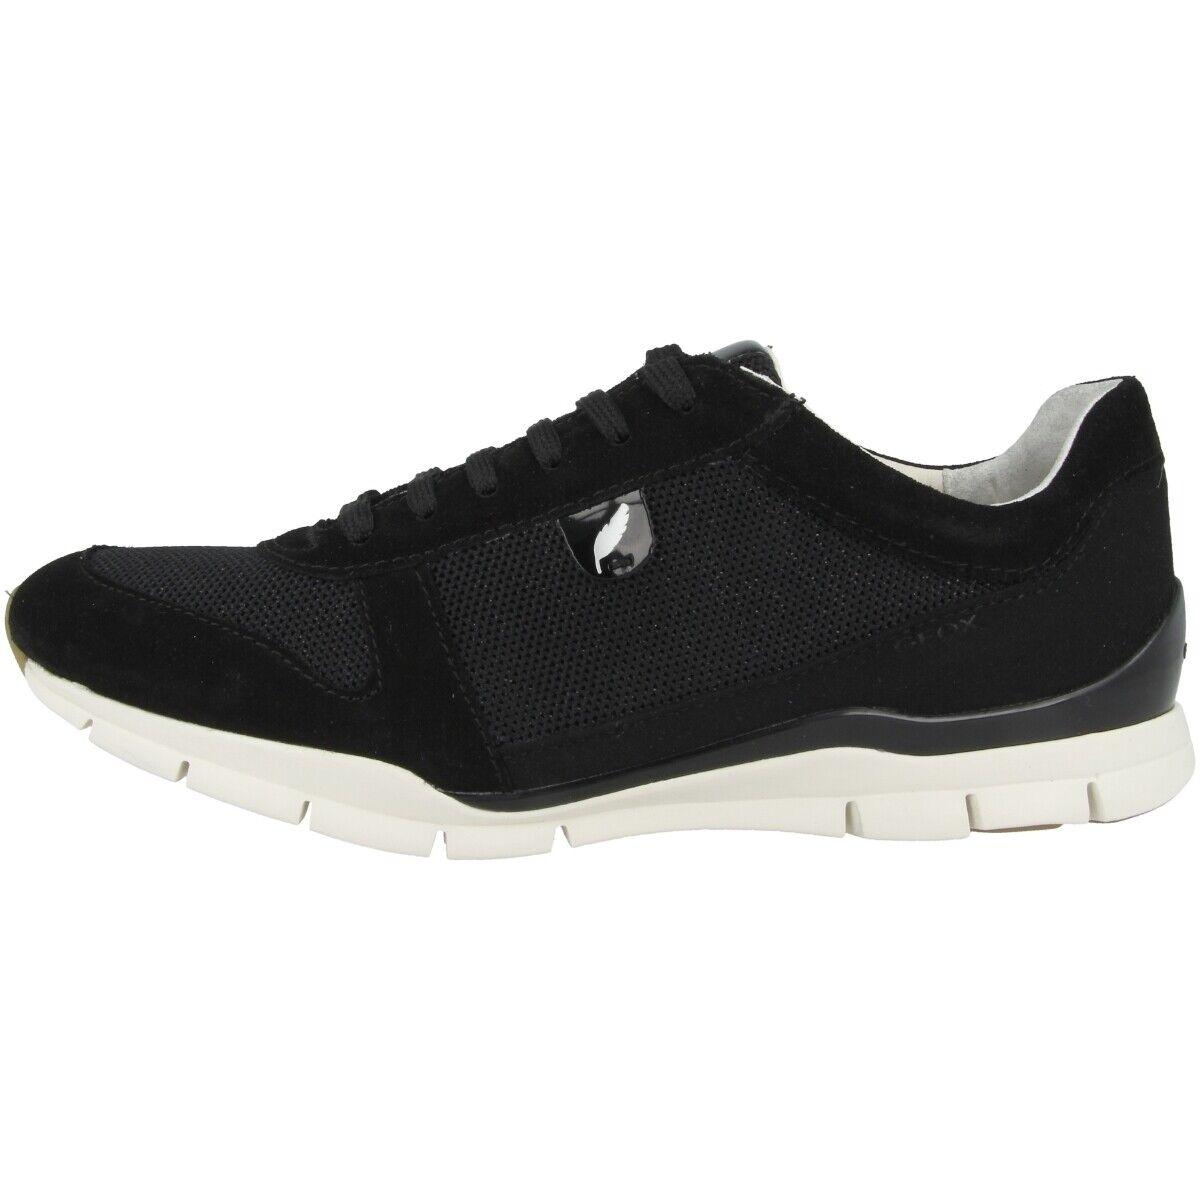 Geox  d sukie ha scarpe da ginnastica sportive in pantaloncini  la vostra soddisfazione è il nostro obiettivo